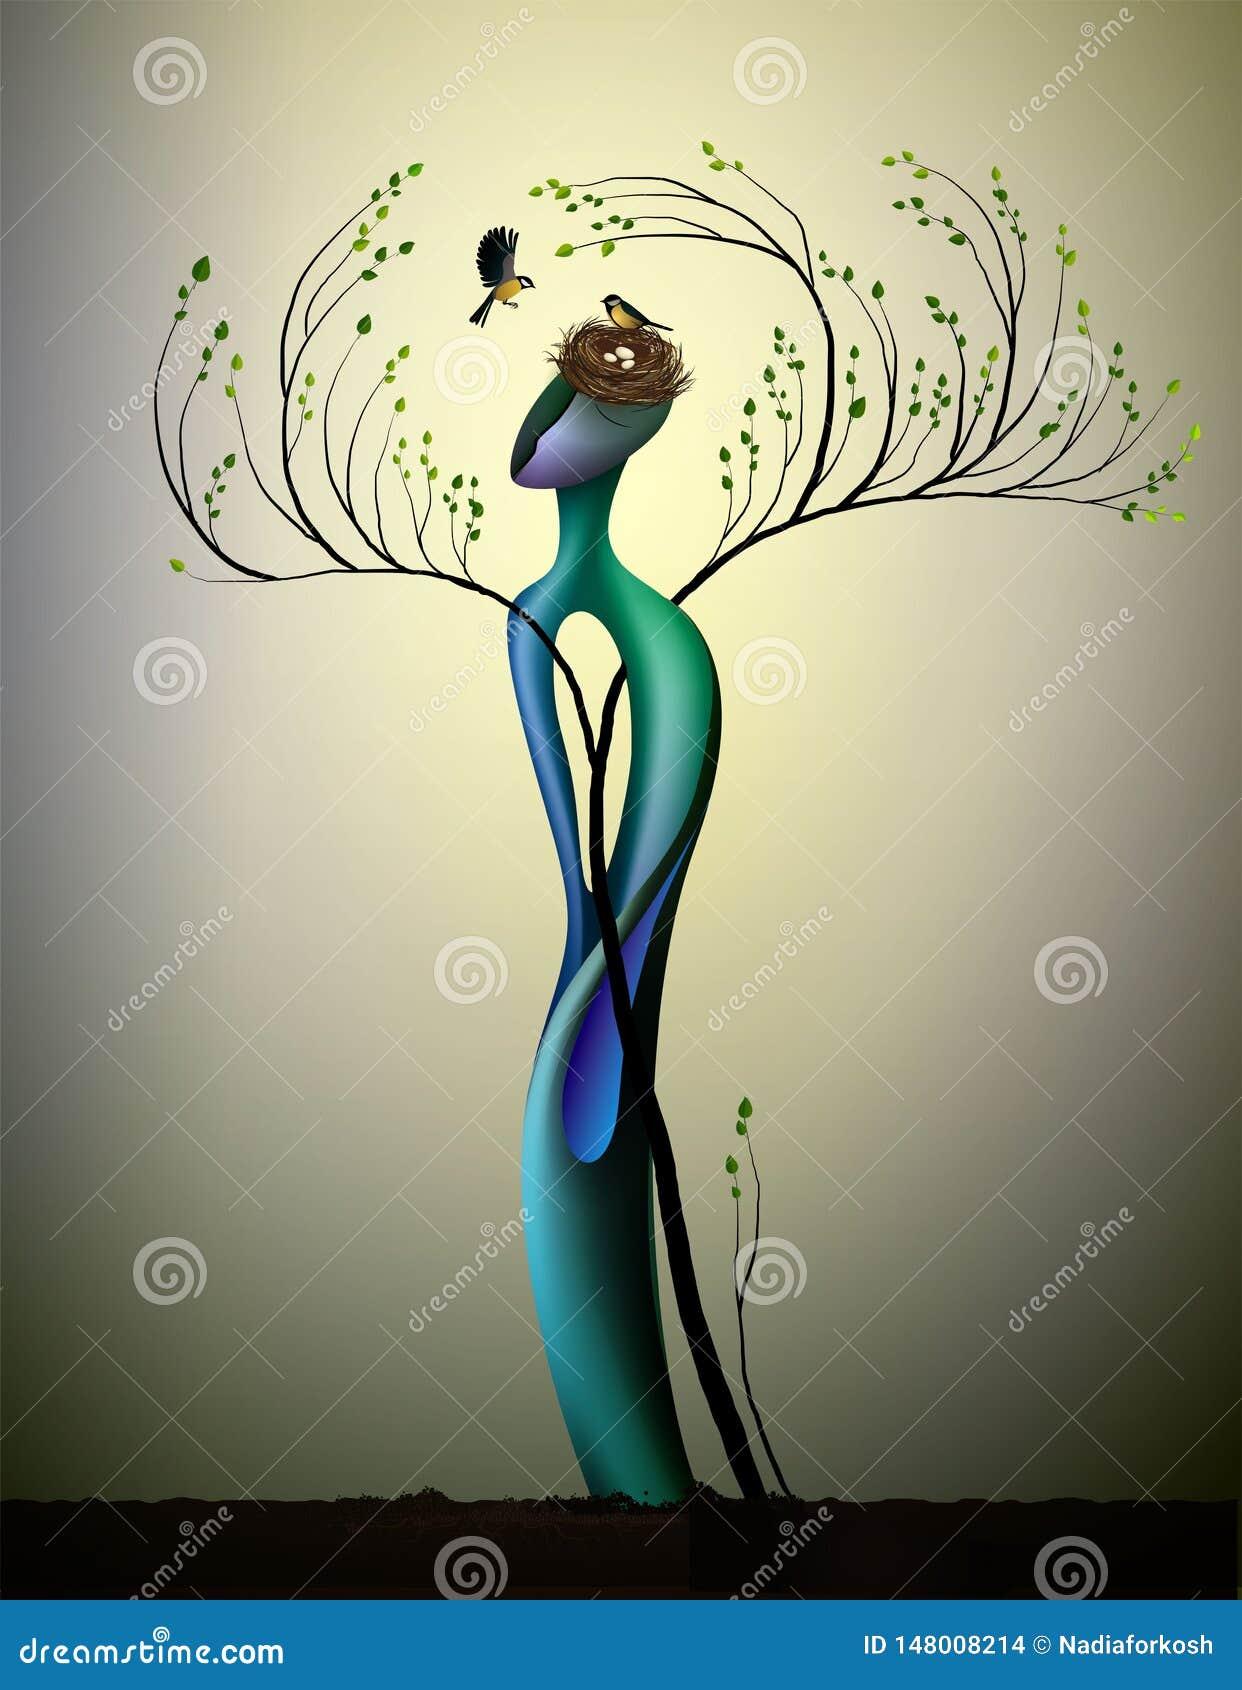 ?ywy szcz??liwy wiosny drzewo z titmouses ptaki, poj?cie szcz??liwy drzewo, drzewna dusza, m??czyzna jak u?miech ptak, bajka wewn